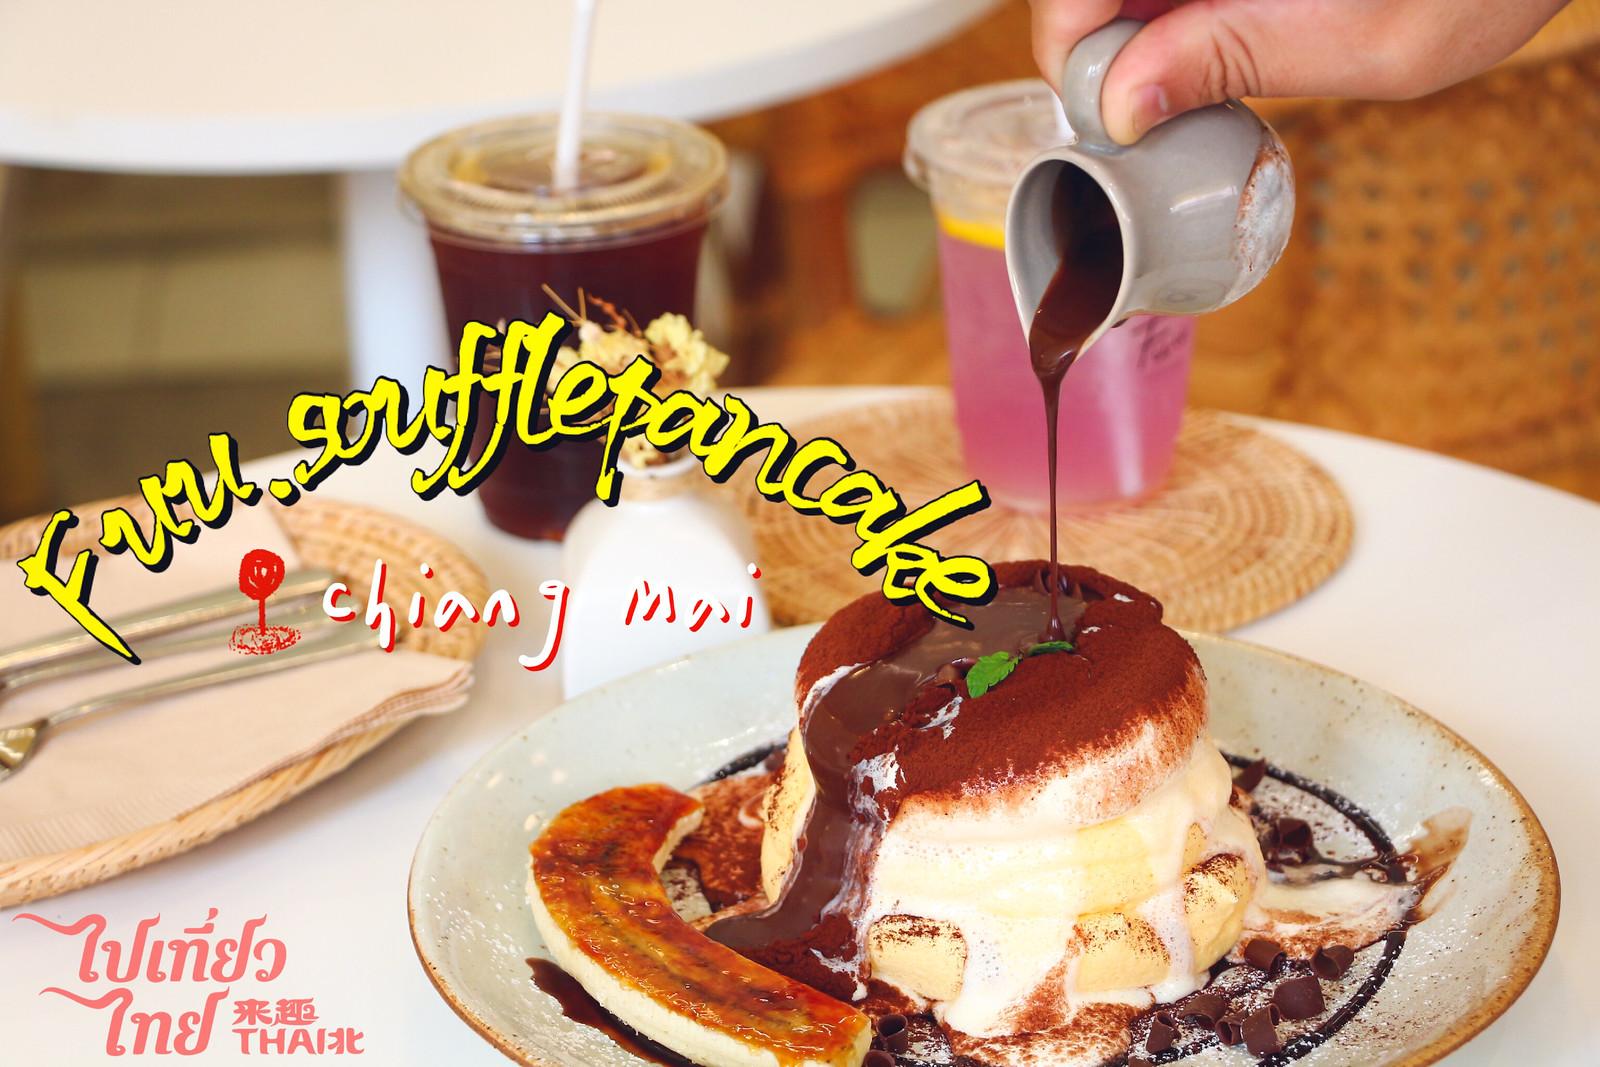 清邁.寧曼超火紅舒芙蕾名店《Fuu.souffle pancake》